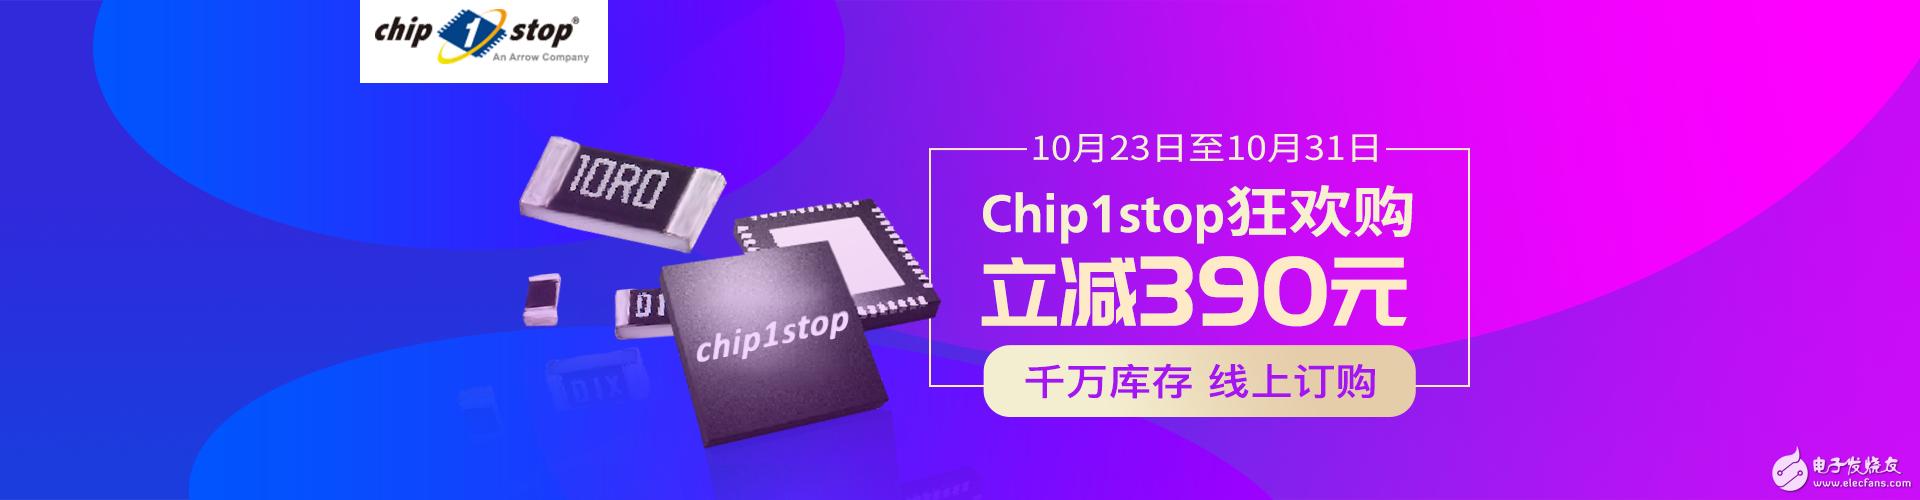 华强芯城|chip1stop全线品牌狂欢购 立减390元